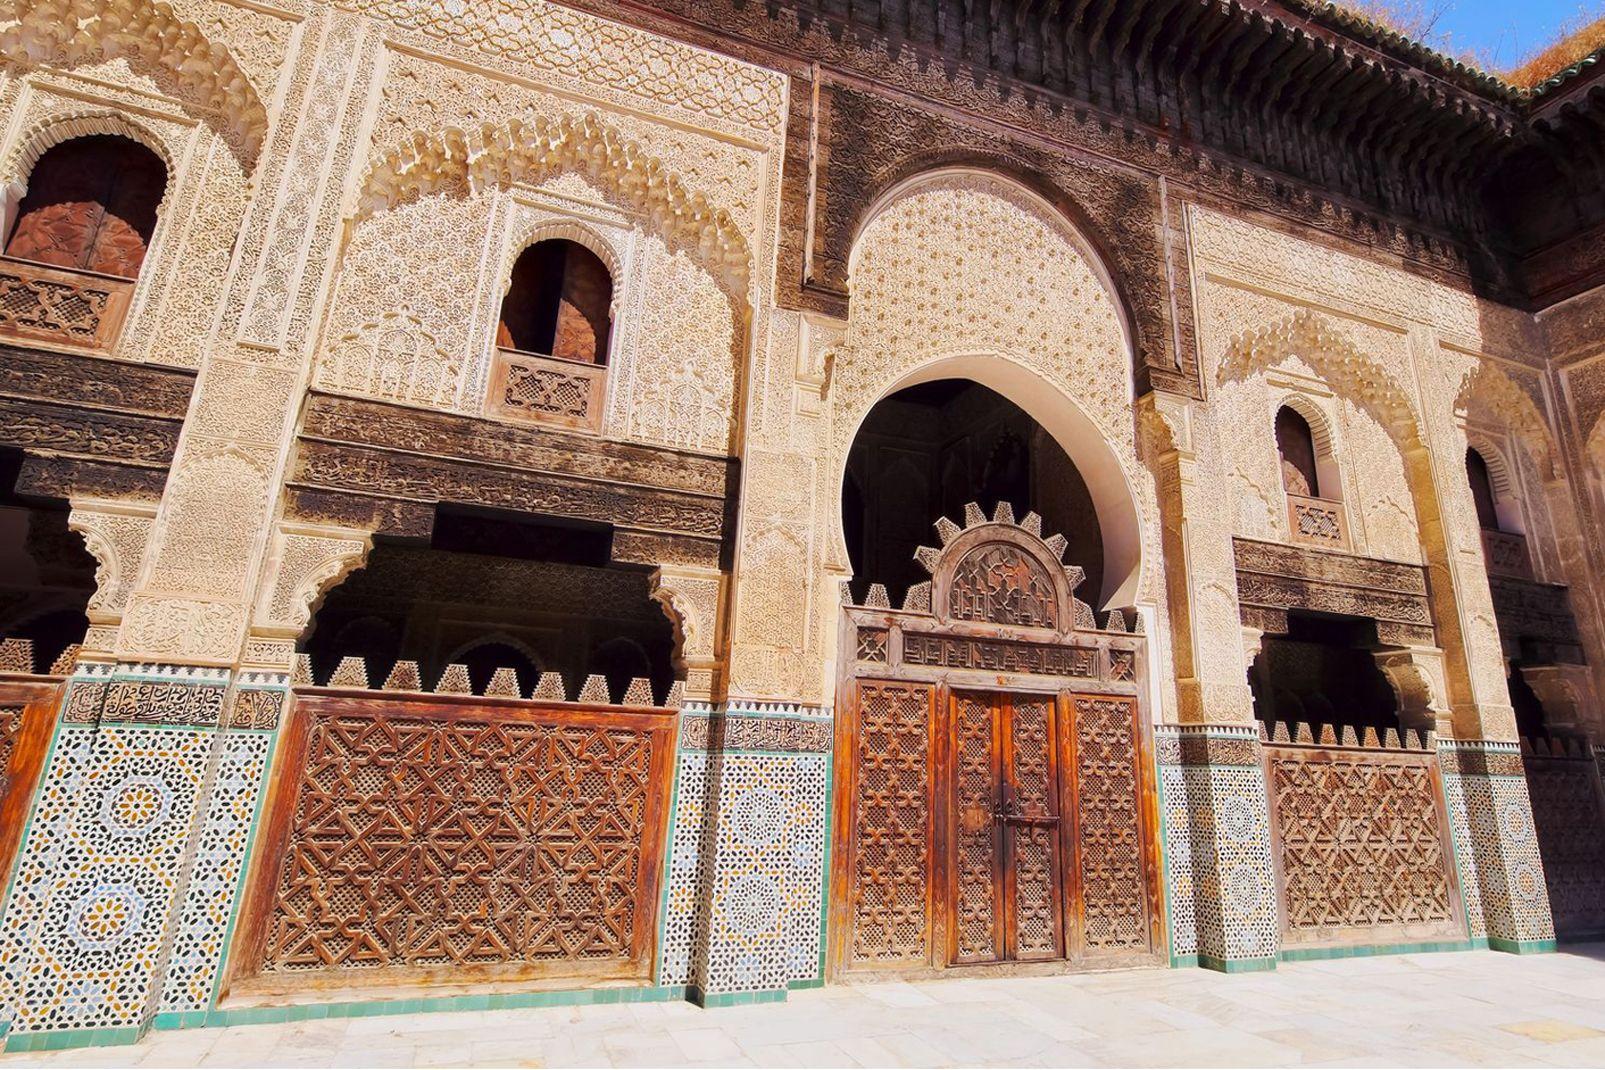 afrique, maroc, nord, bou, inania, madrasa, sultan, mérinide, abou, inan